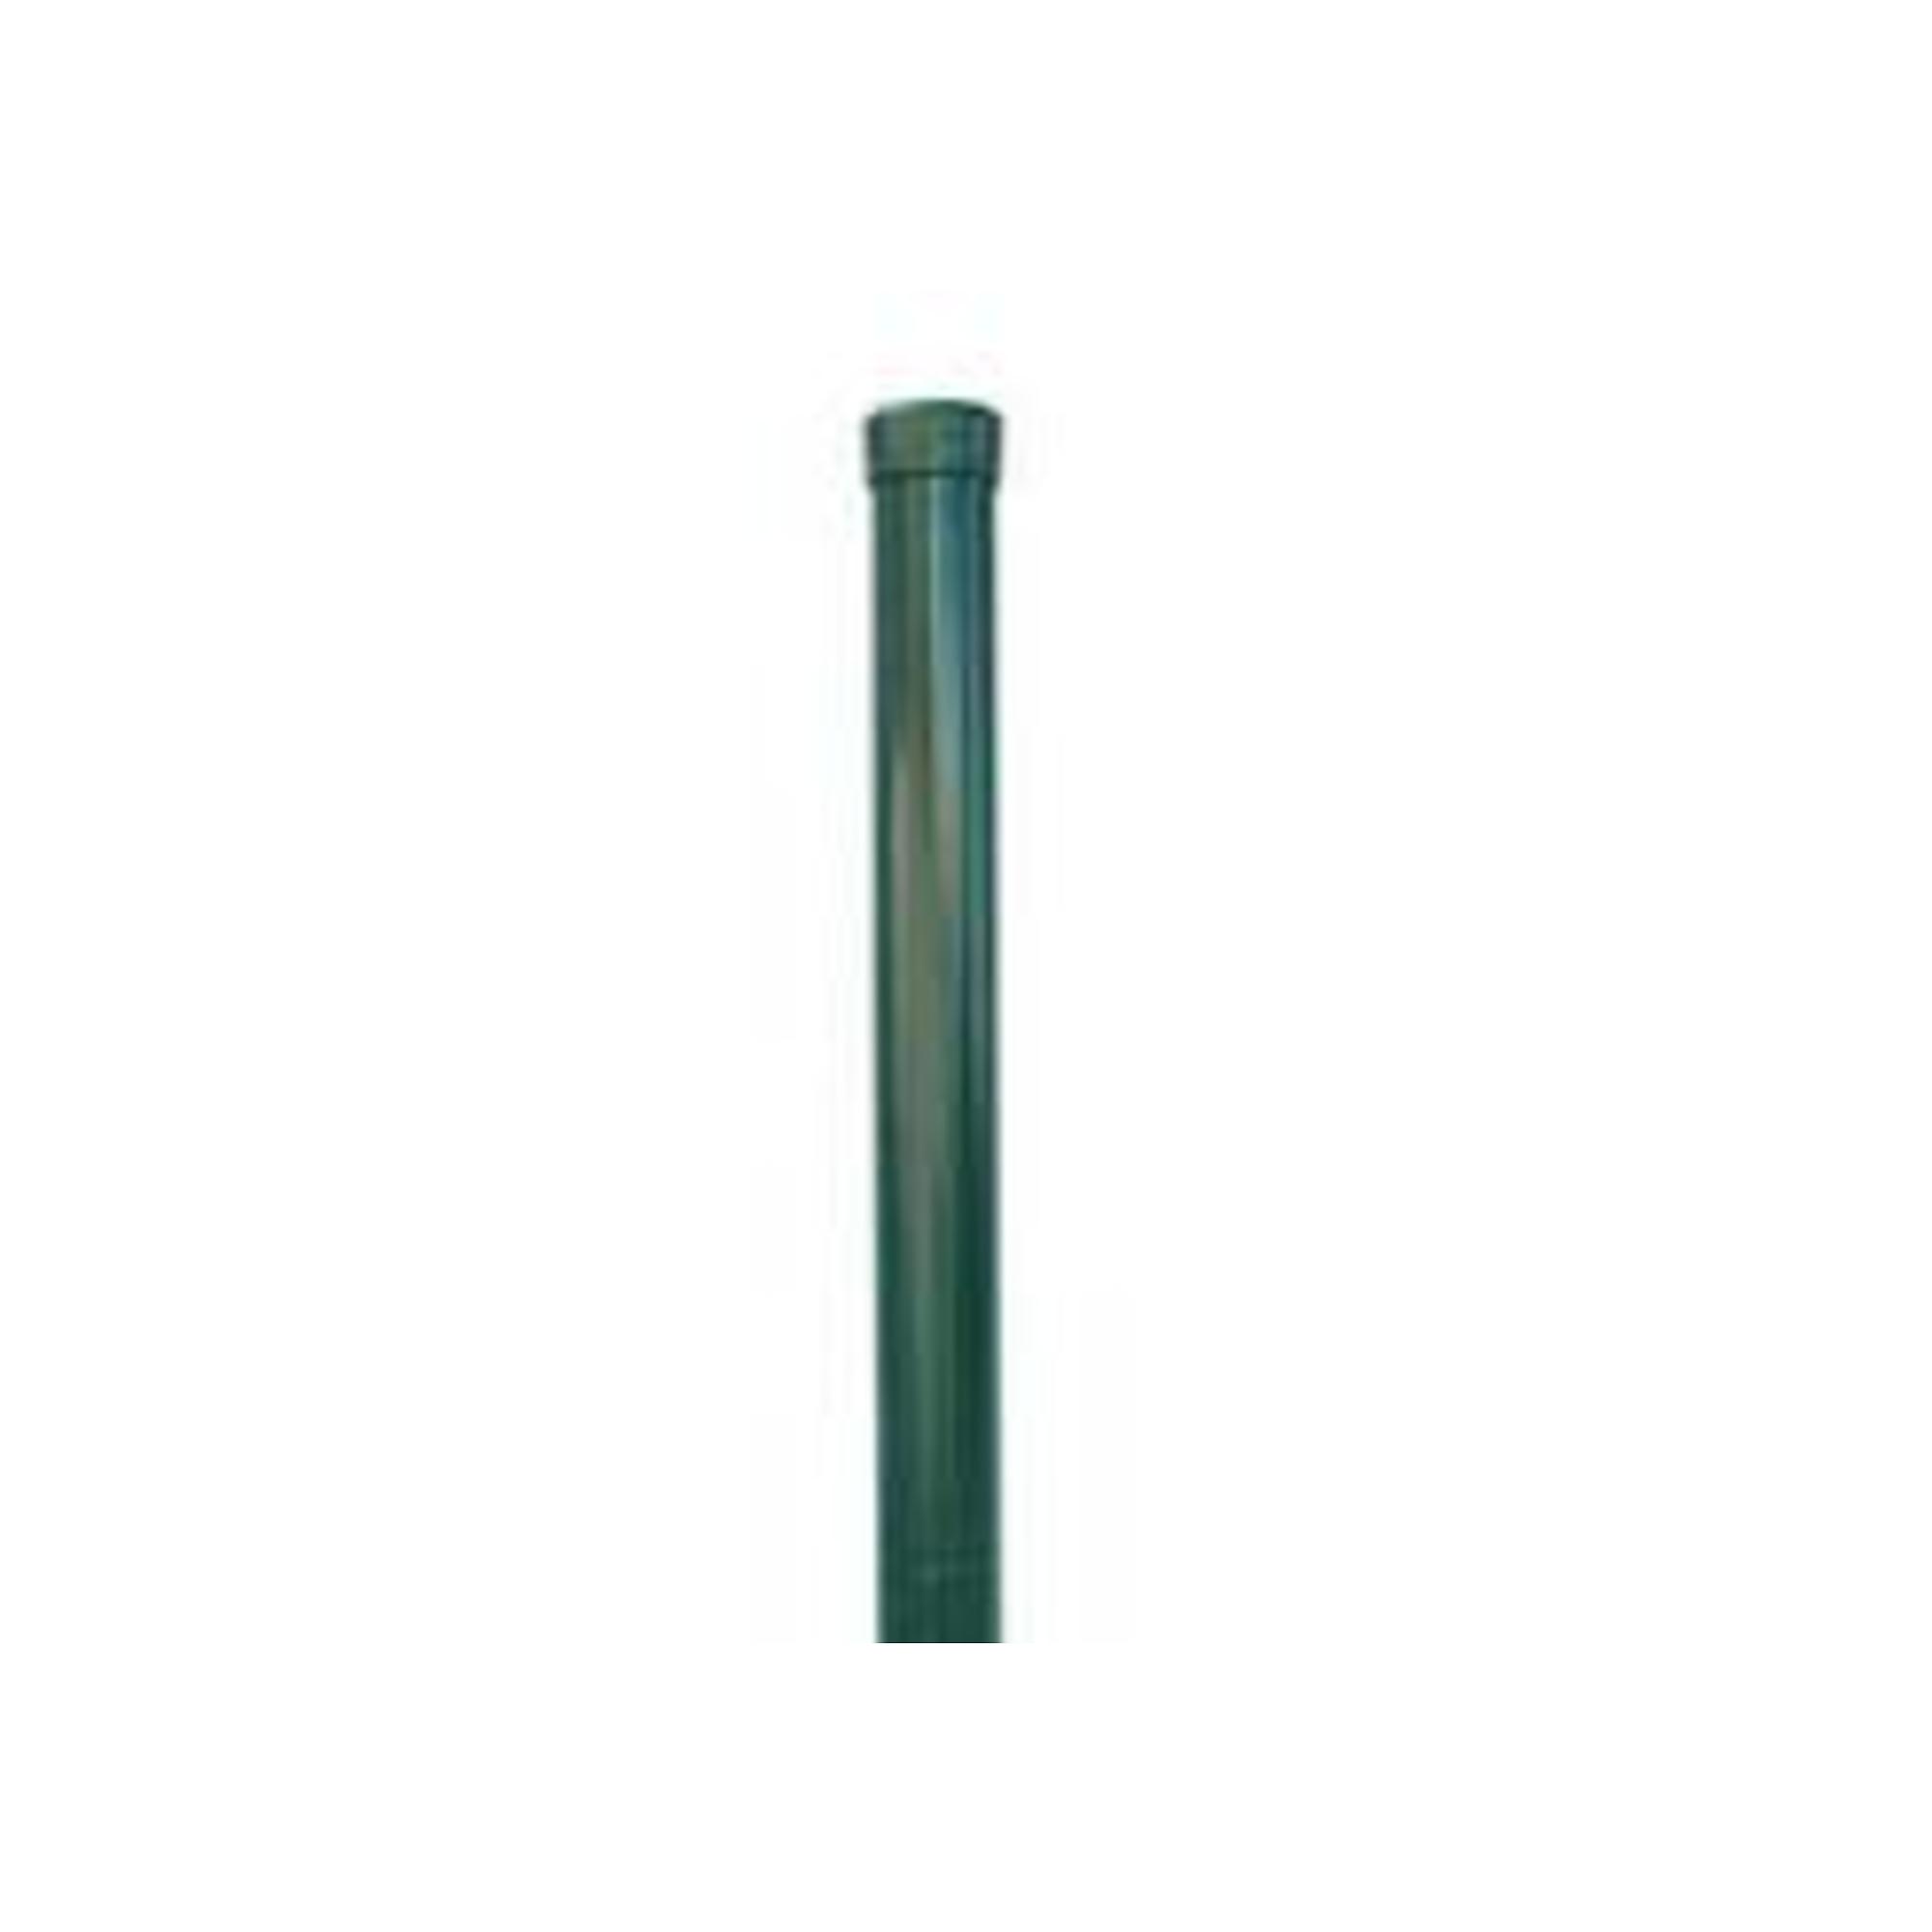 BPL oszlop 2000mm 38mm átmérő talp nélkül RAL6005